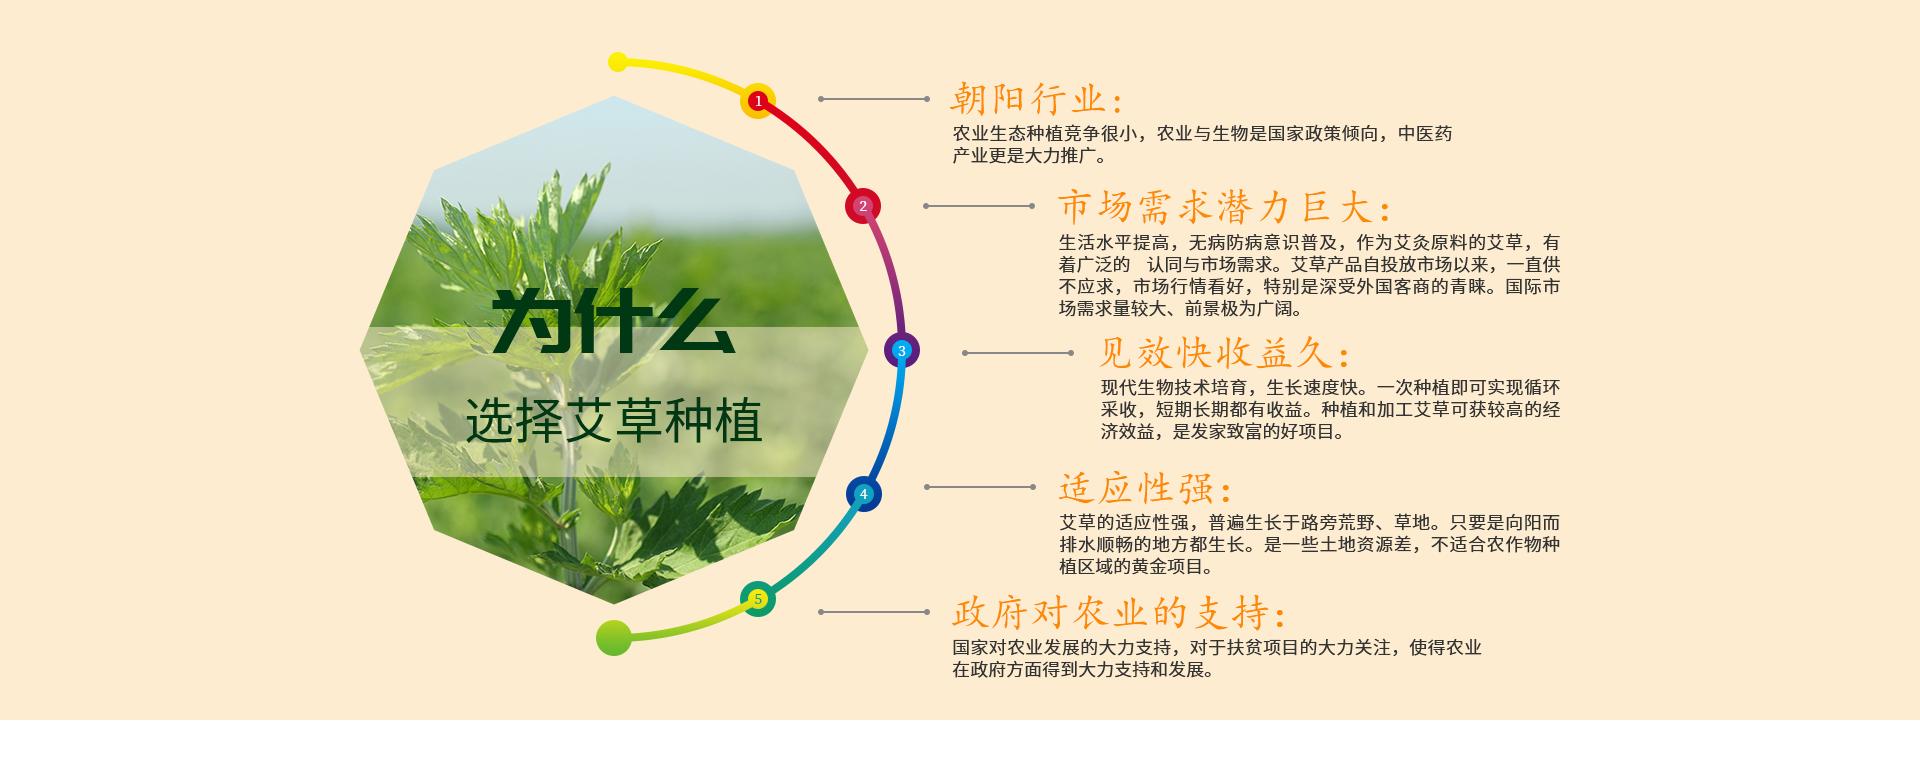 為什么選擇艾草種植